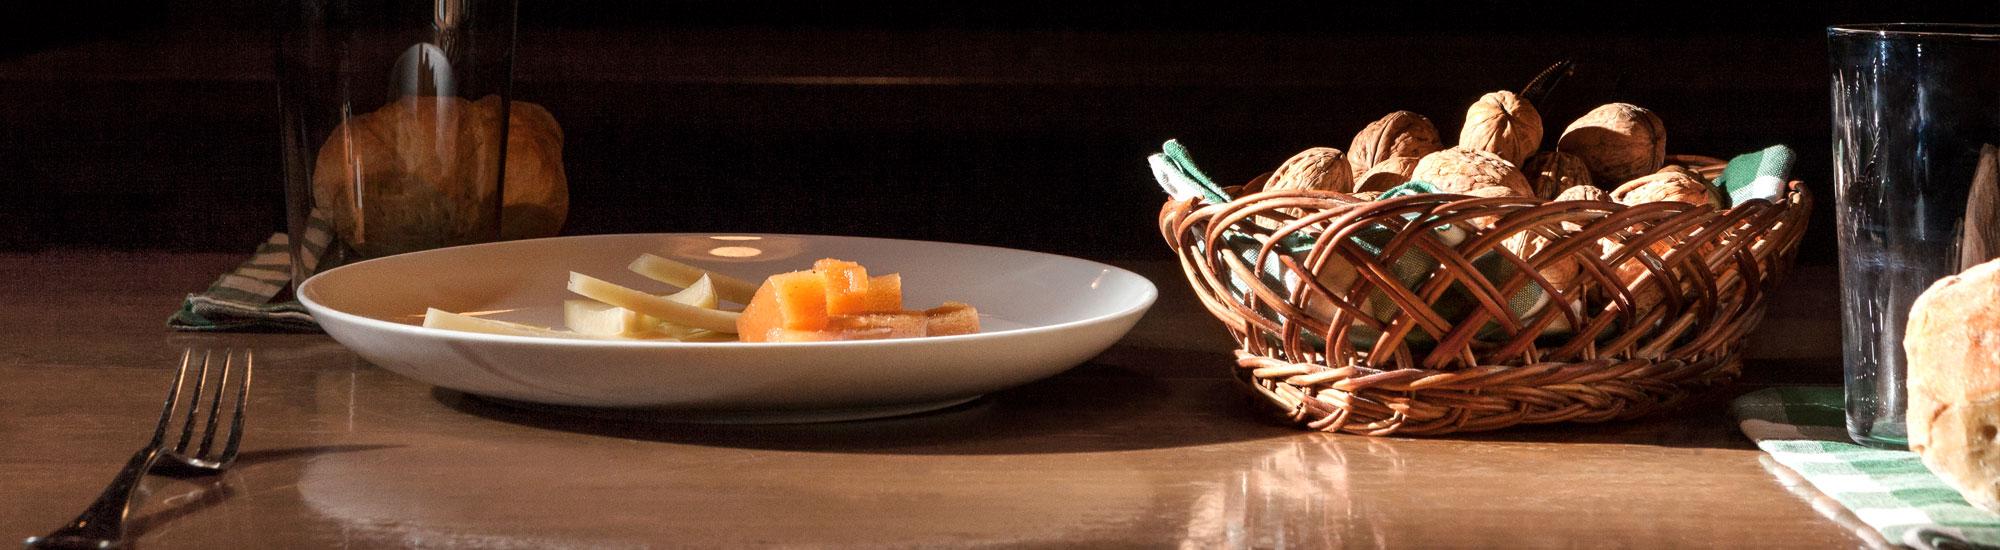 Mesa preparada con queso y nueces